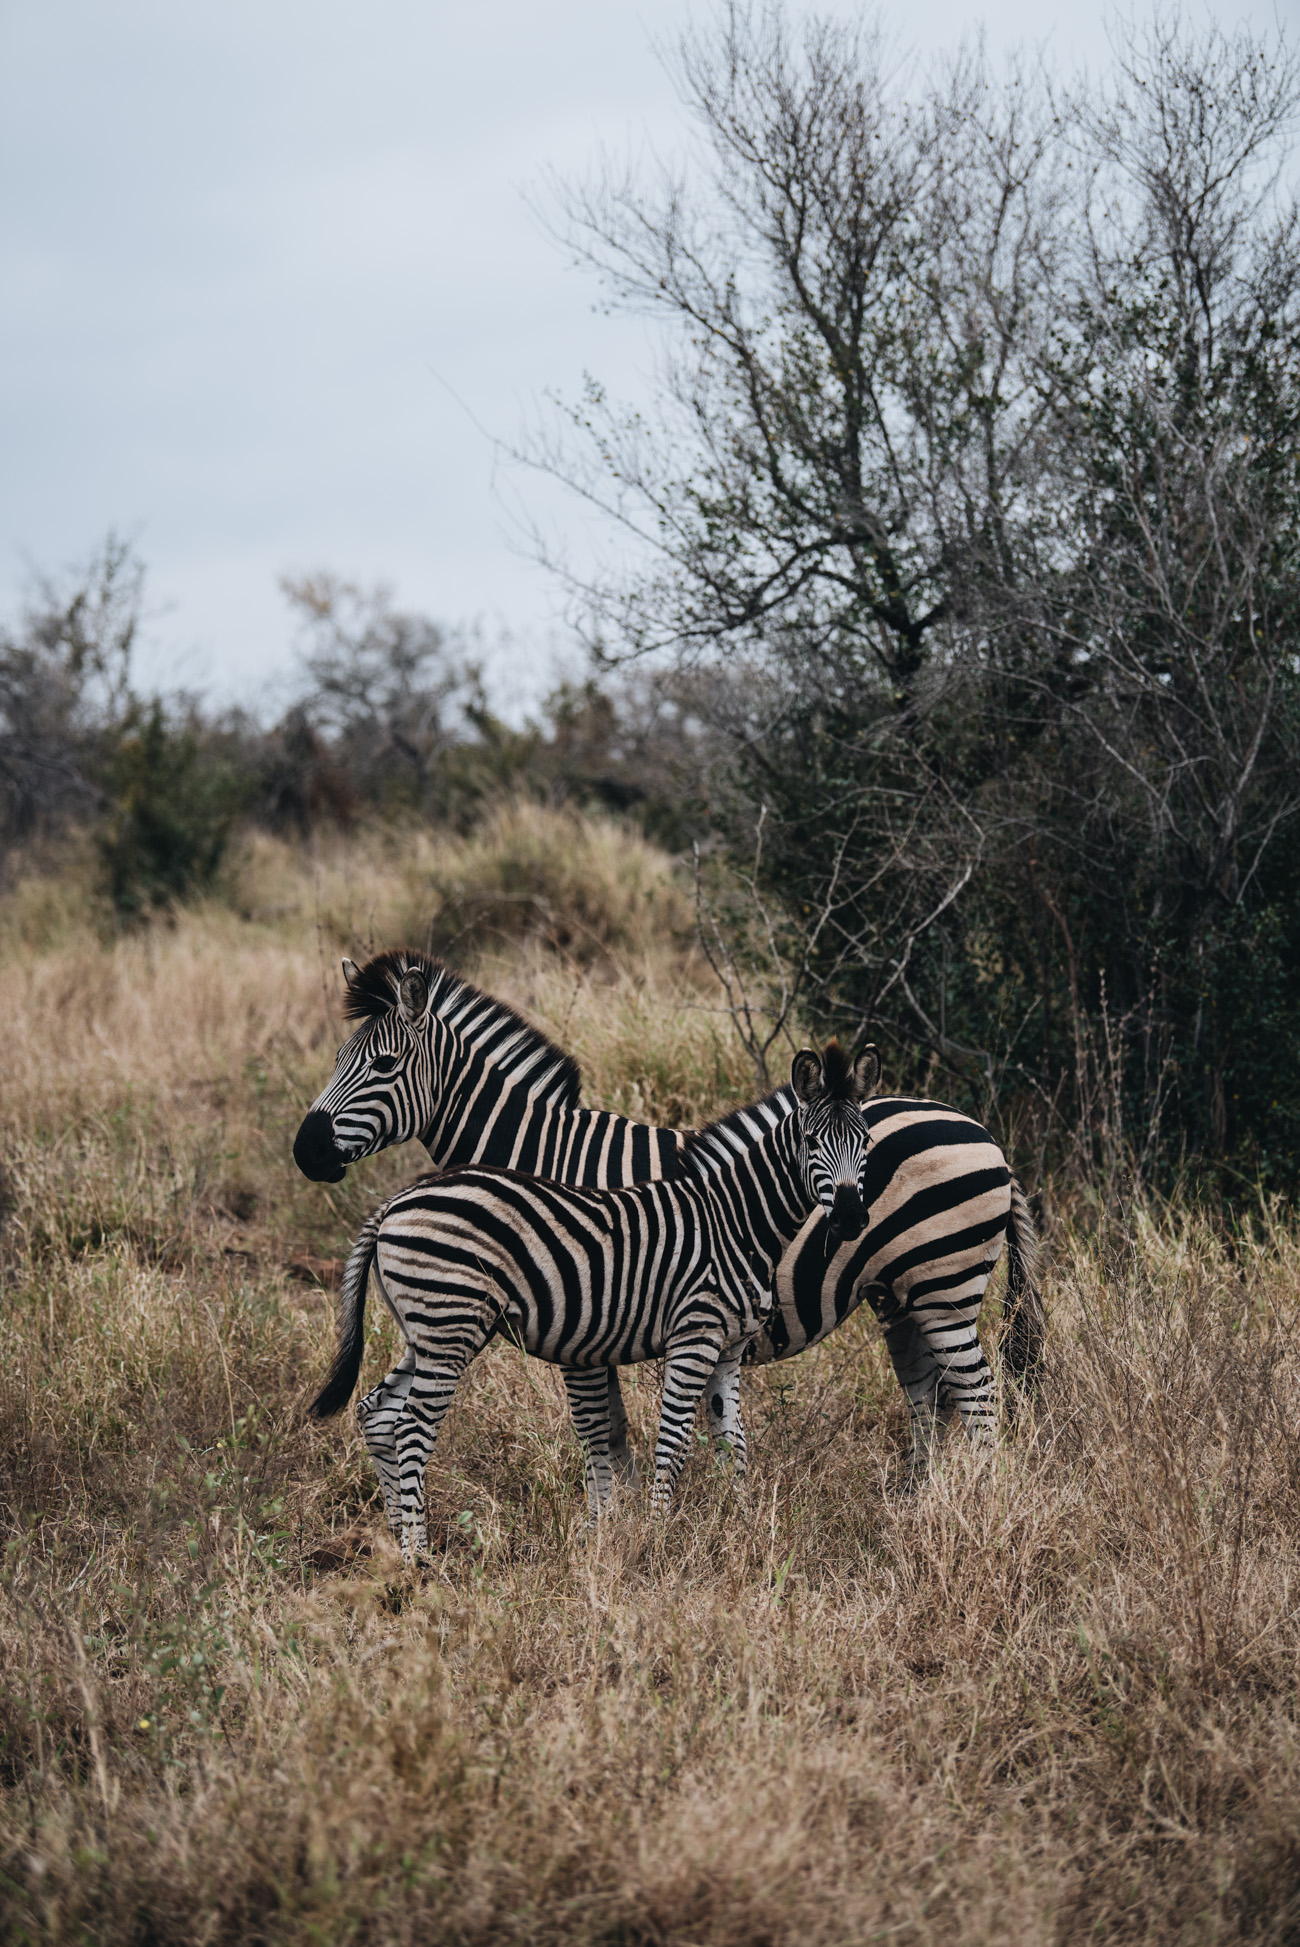 Singita-Safari-Krüger-Nationalpark-südafrika-lebombo-und-sweni-lodge-hotelbericht-erfahrung-reise-tipps-und-tricks-für-eine-safarireise-travel-blogger-nina-schwichtenberg-fashiioncarpet_1